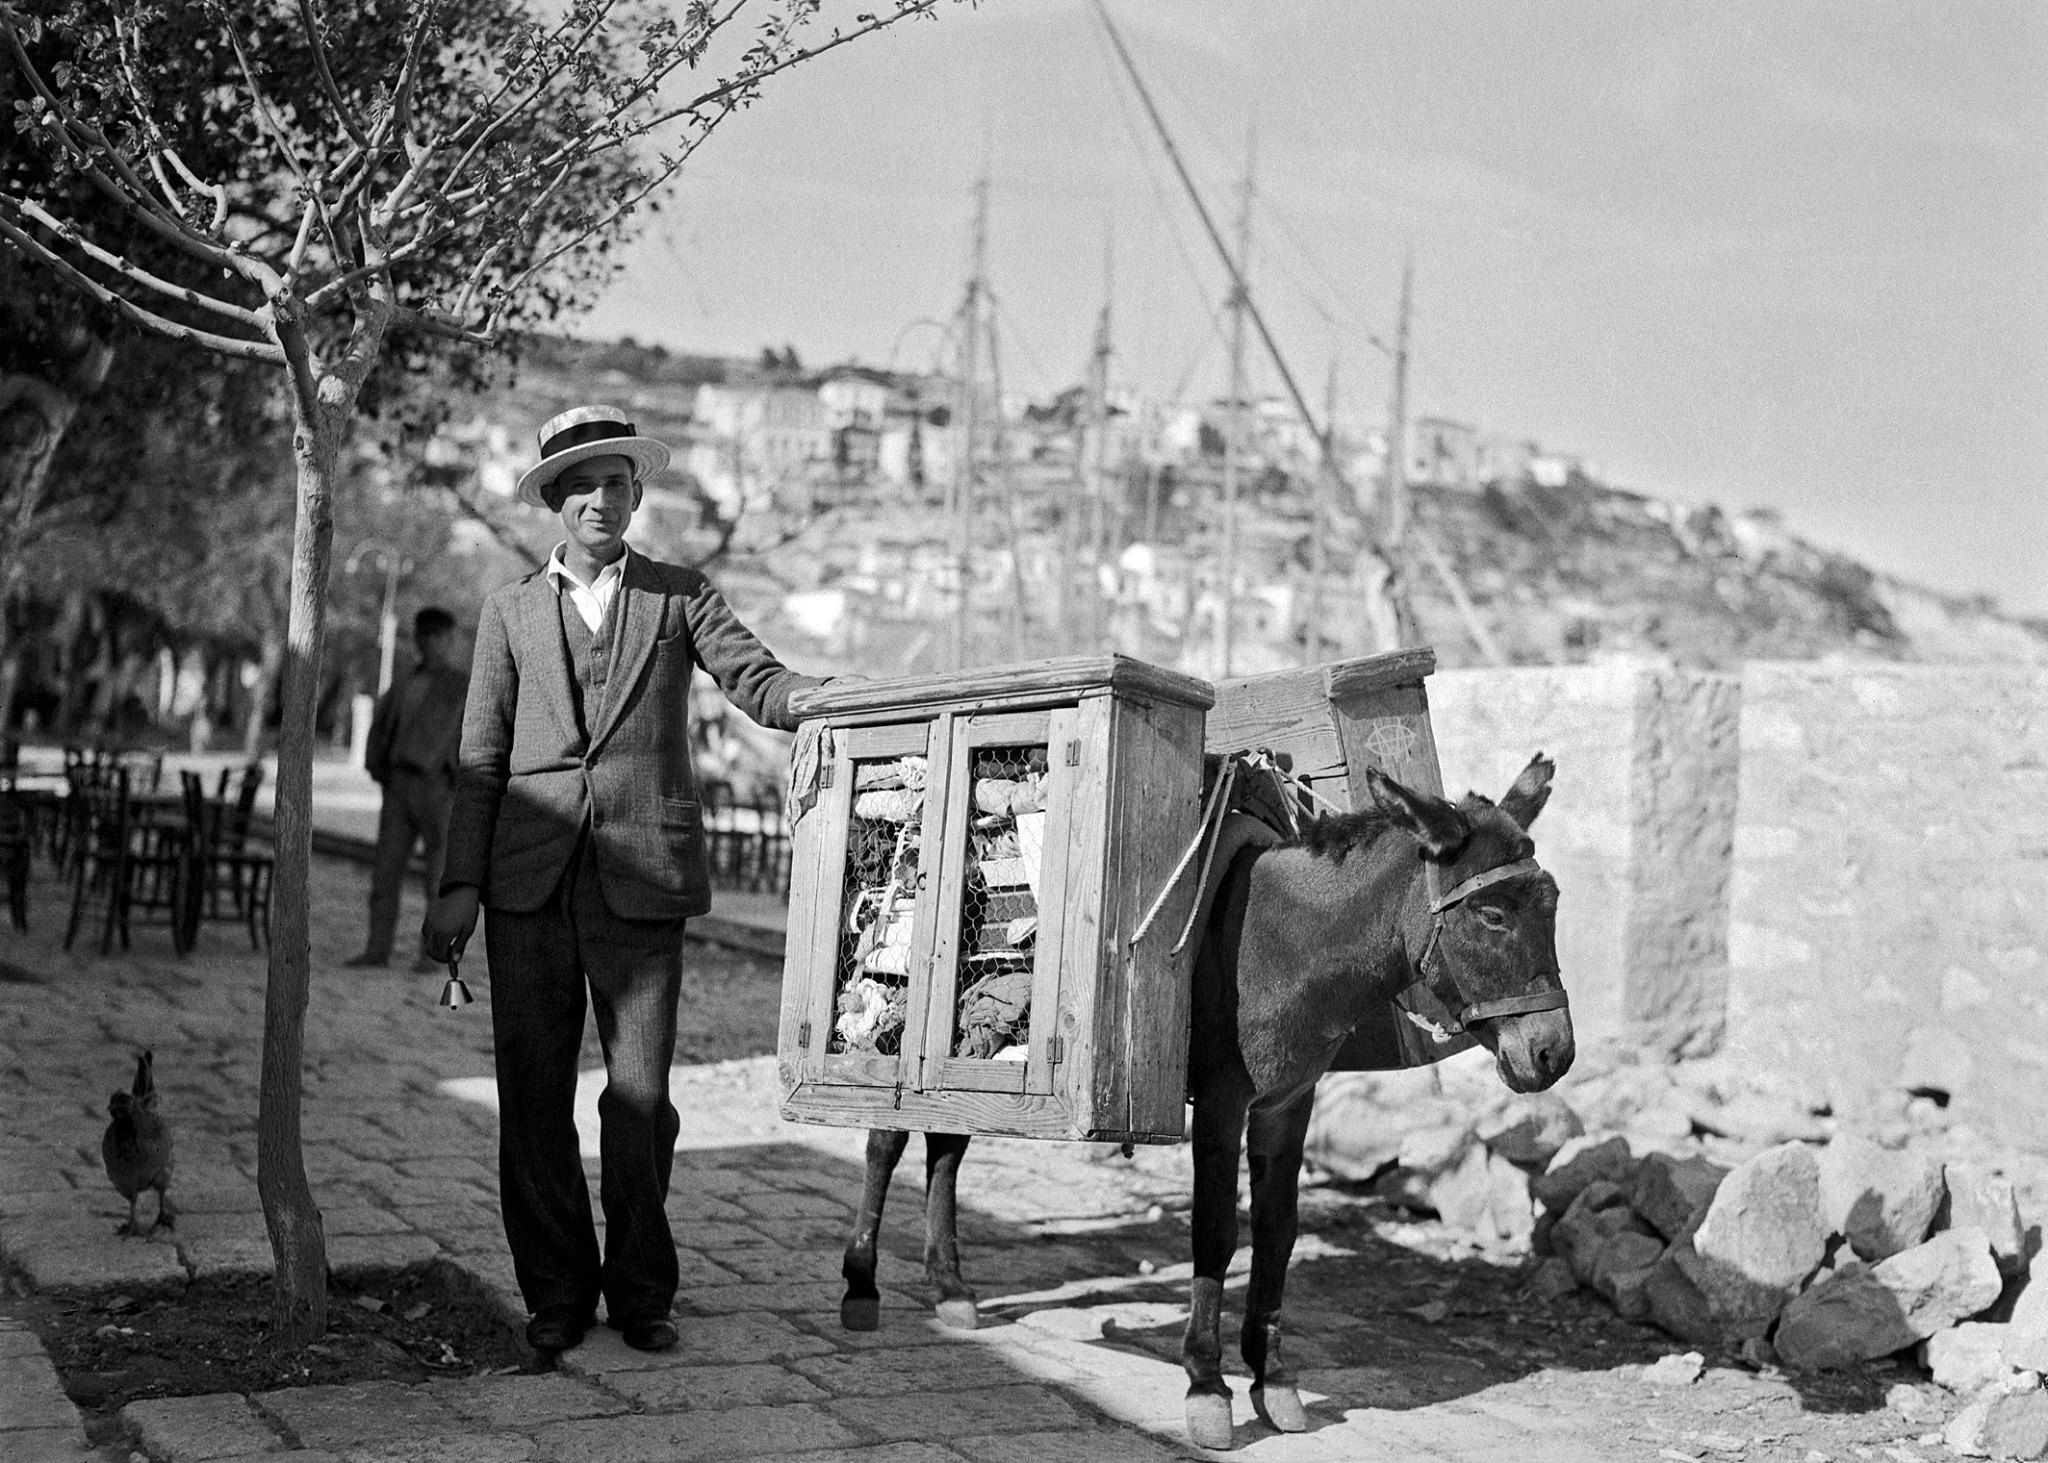 Περικλής Παπαχατζηδάκης, περίοδος Μεσοπόλεμου, Πειραιάς, πλανόδιος πραματευτής | Painting, Historical figures, Historical